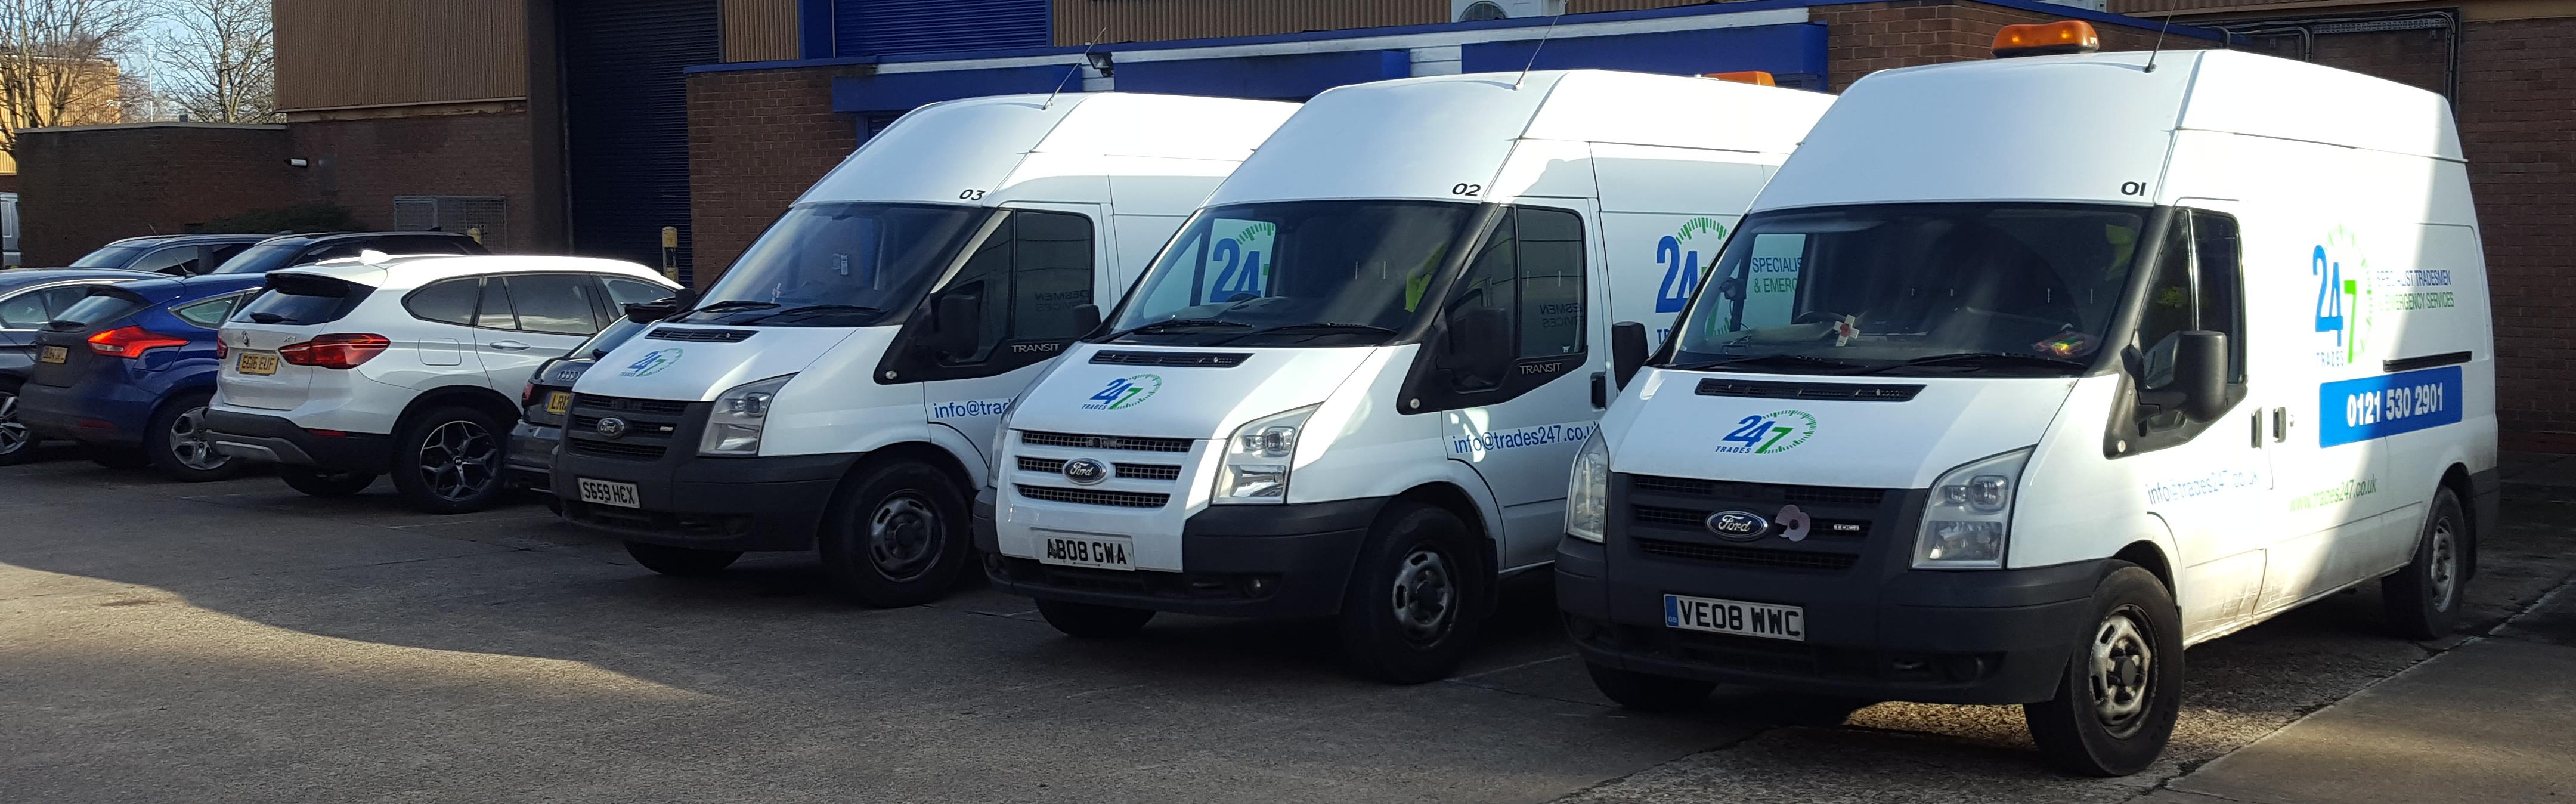 company vans 247 drains